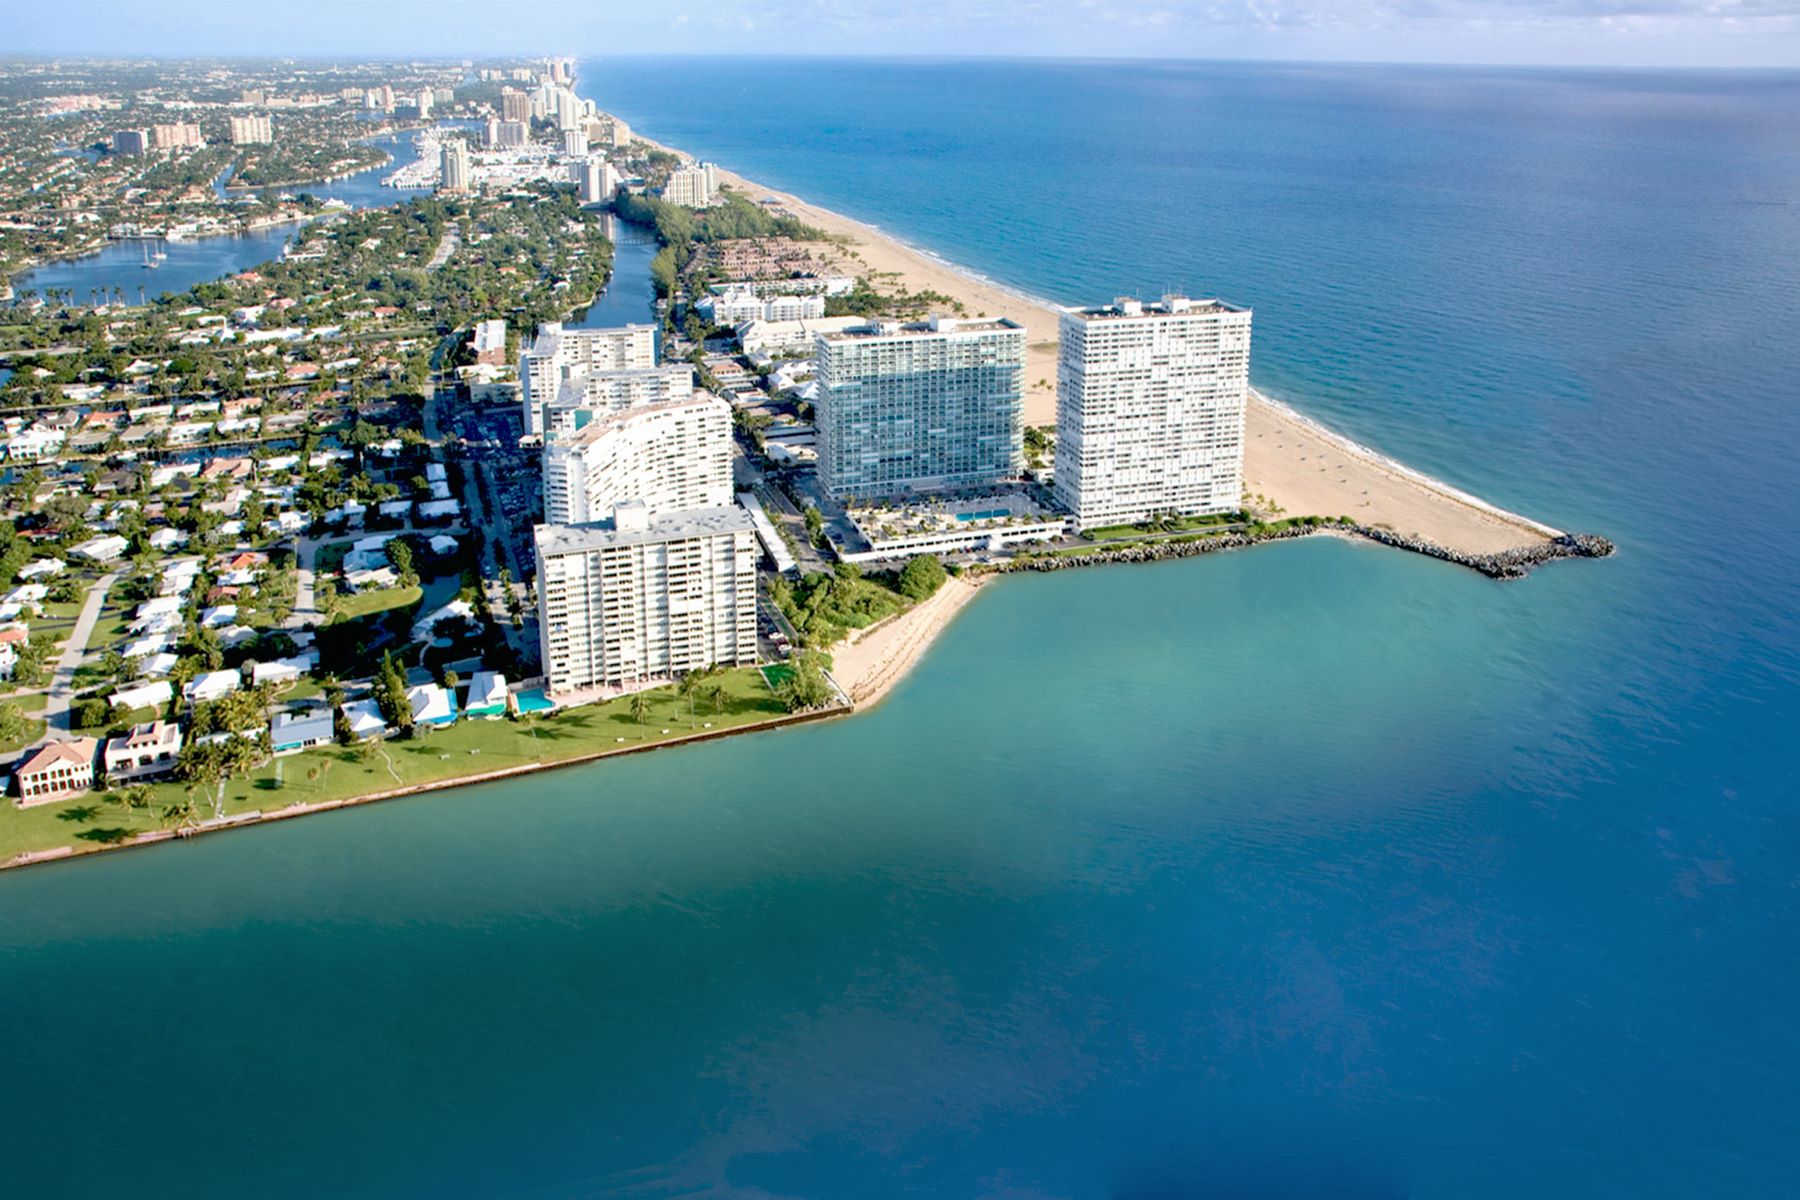 Maison unifamiliale pour l Vente à 2100 S Ocean Dr #4B 2100 S Ocean Dr 4B Fort Lauderdale, Florida, 33316 États-Unis